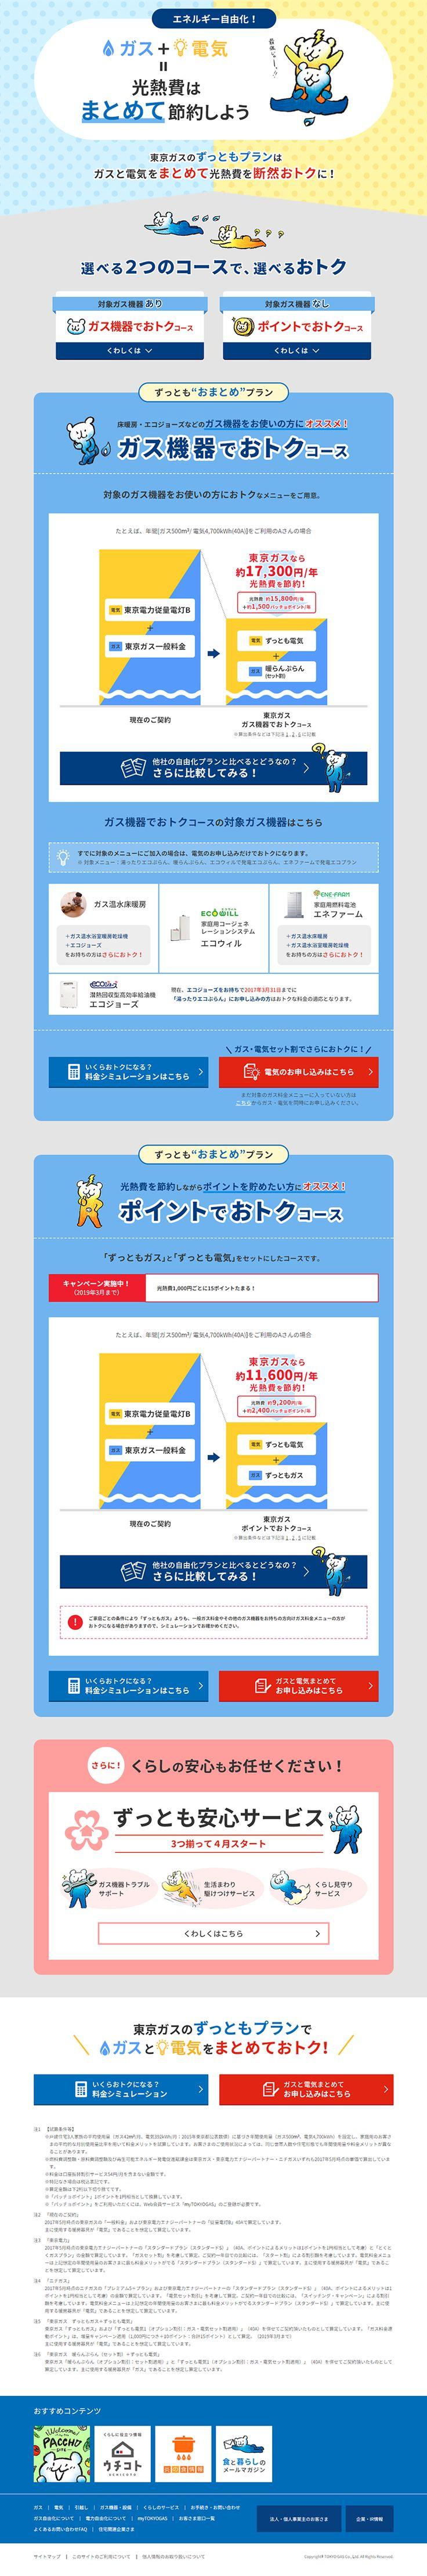 東京ガス様の「ずっともプラン」のランディングページ(LP)信頼・安心系|サービス・保険・金融 #LP #ランディングページ #ランペ #ずっともプラン